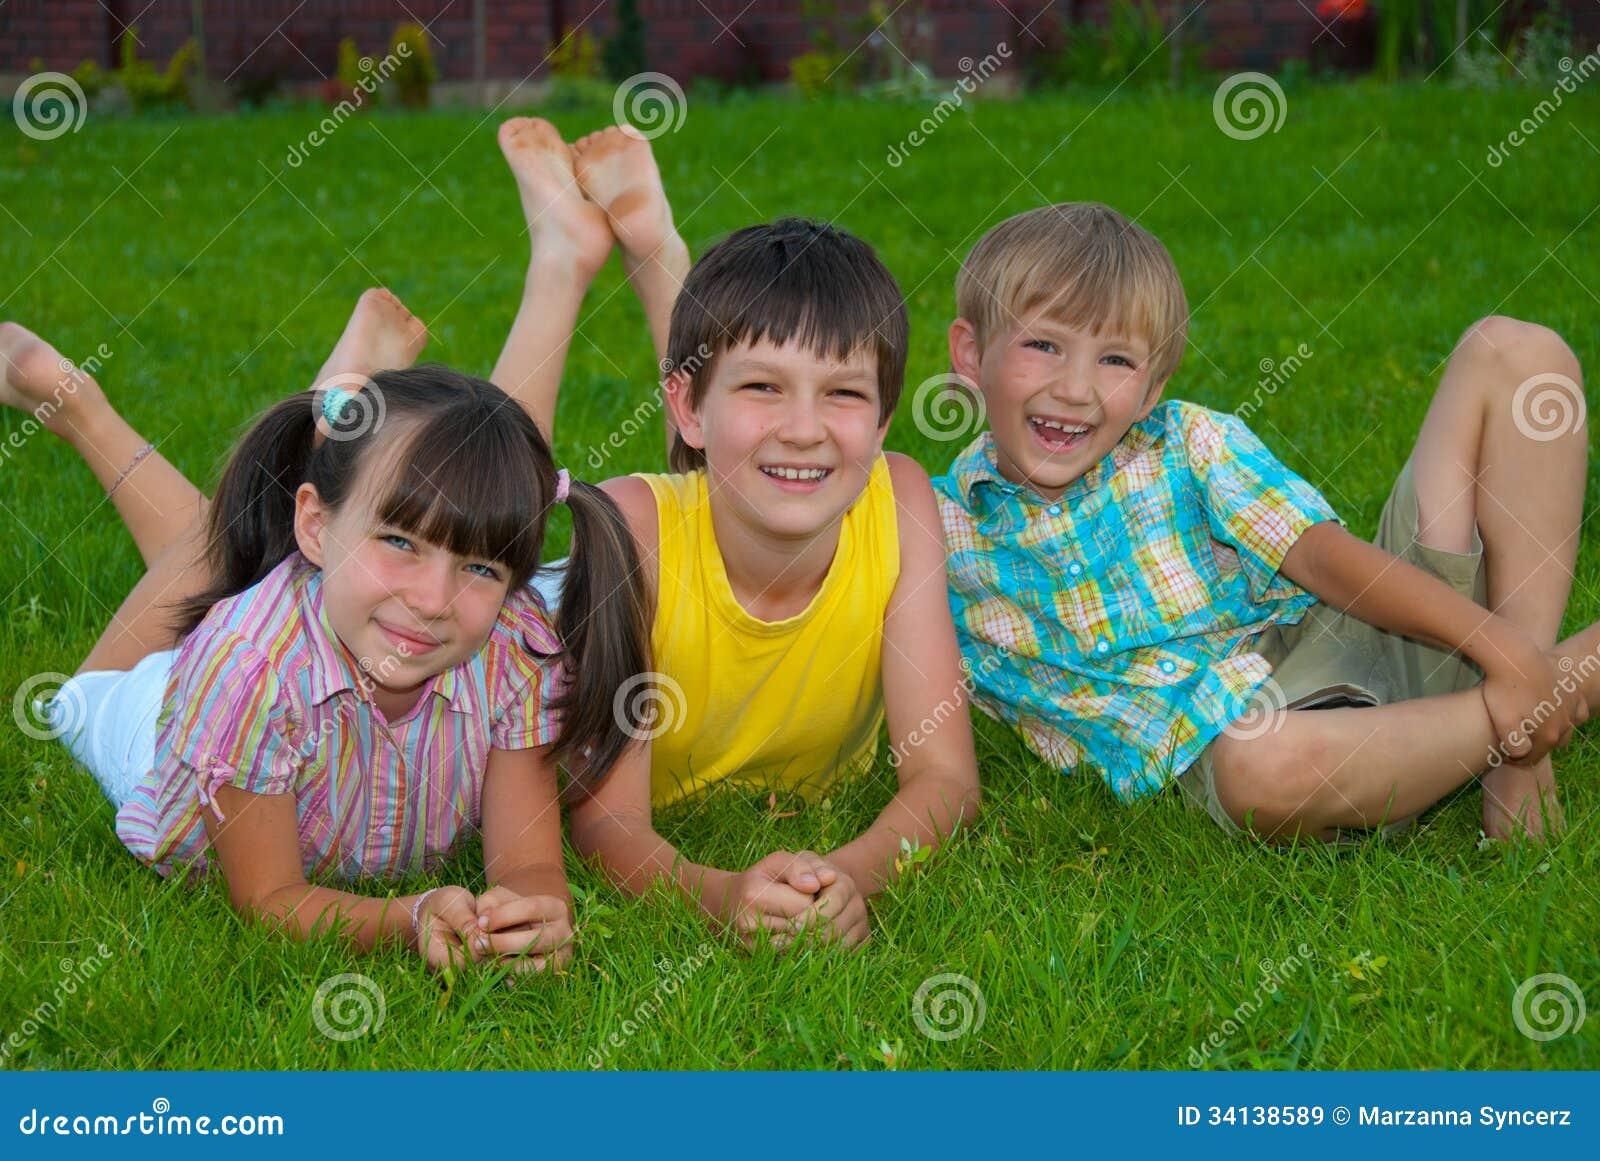 Tre bambini su erba